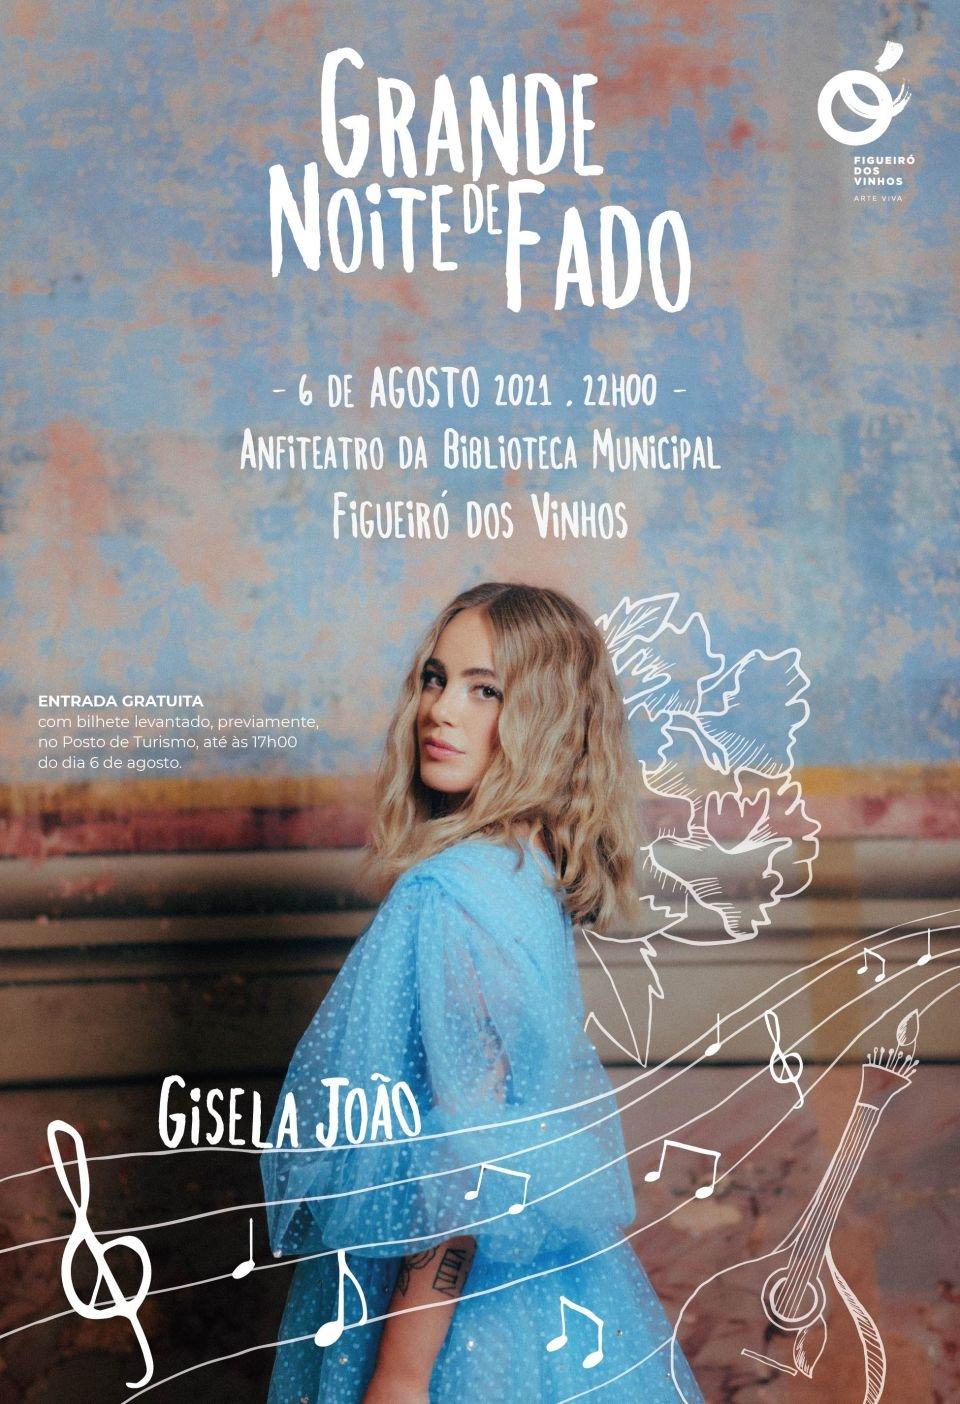 Gisela João na Grande Noite de Fado 2021